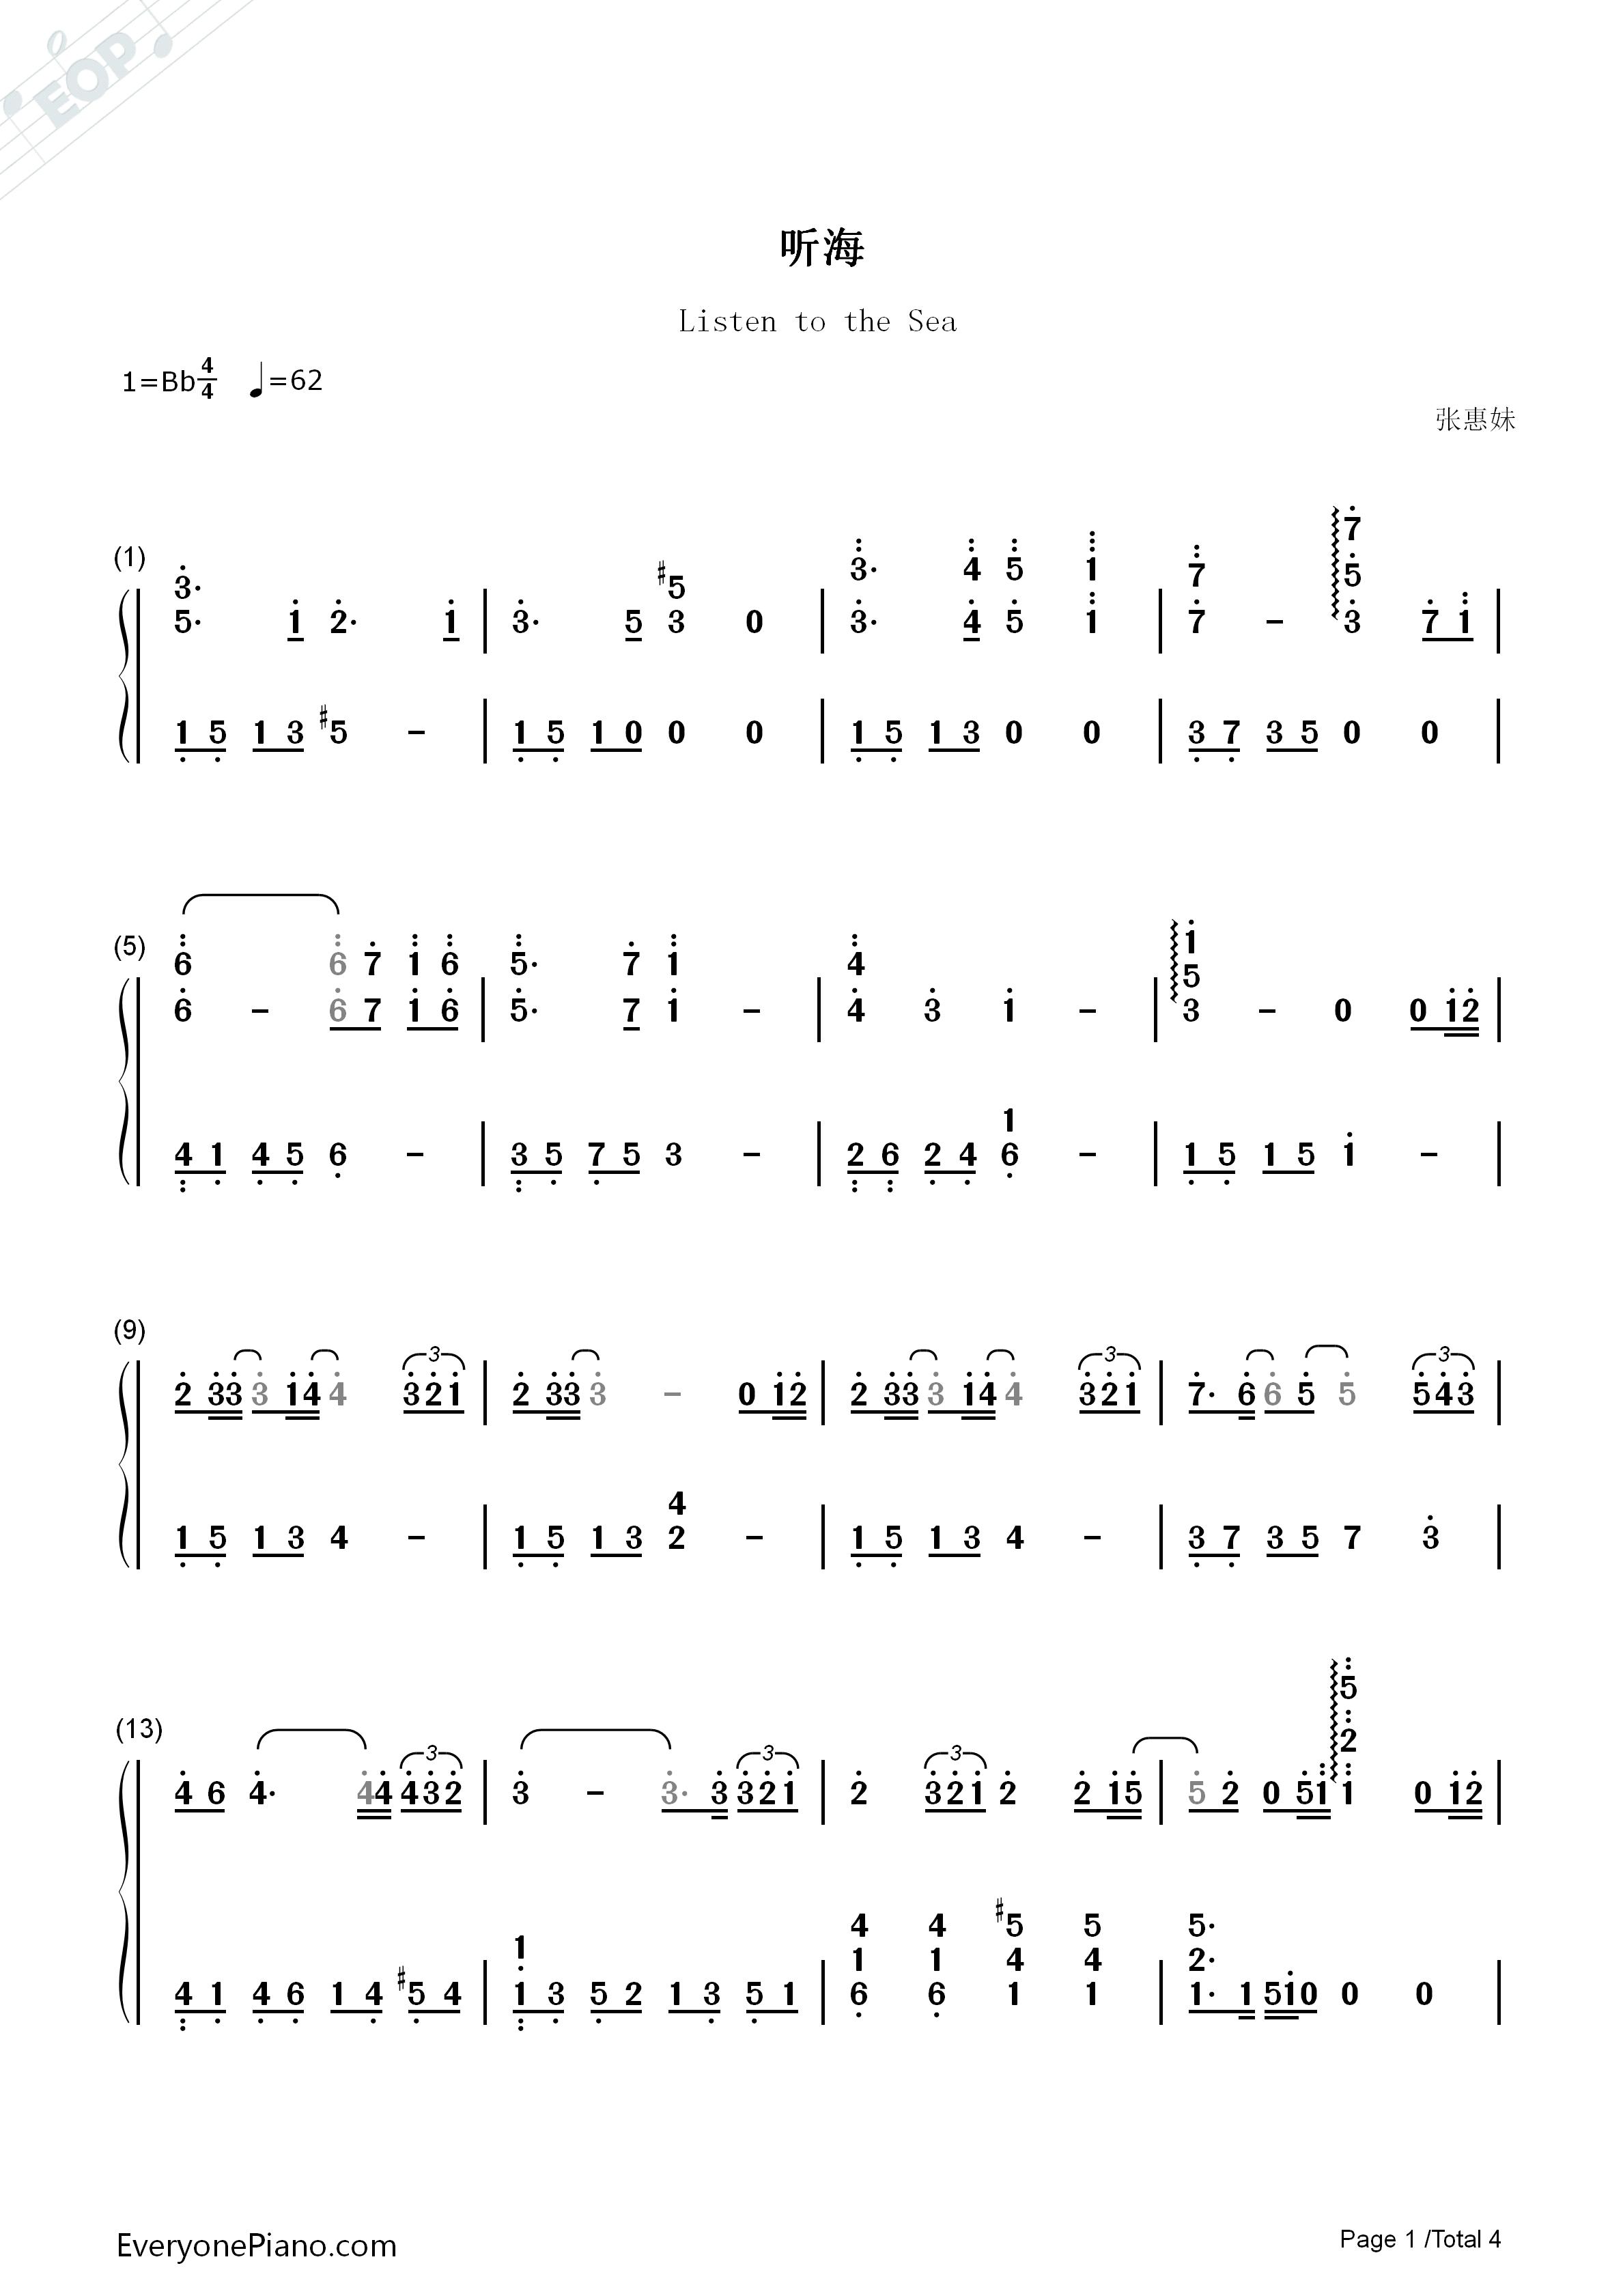 完整版简谱_听海-完整版双手简谱预览1